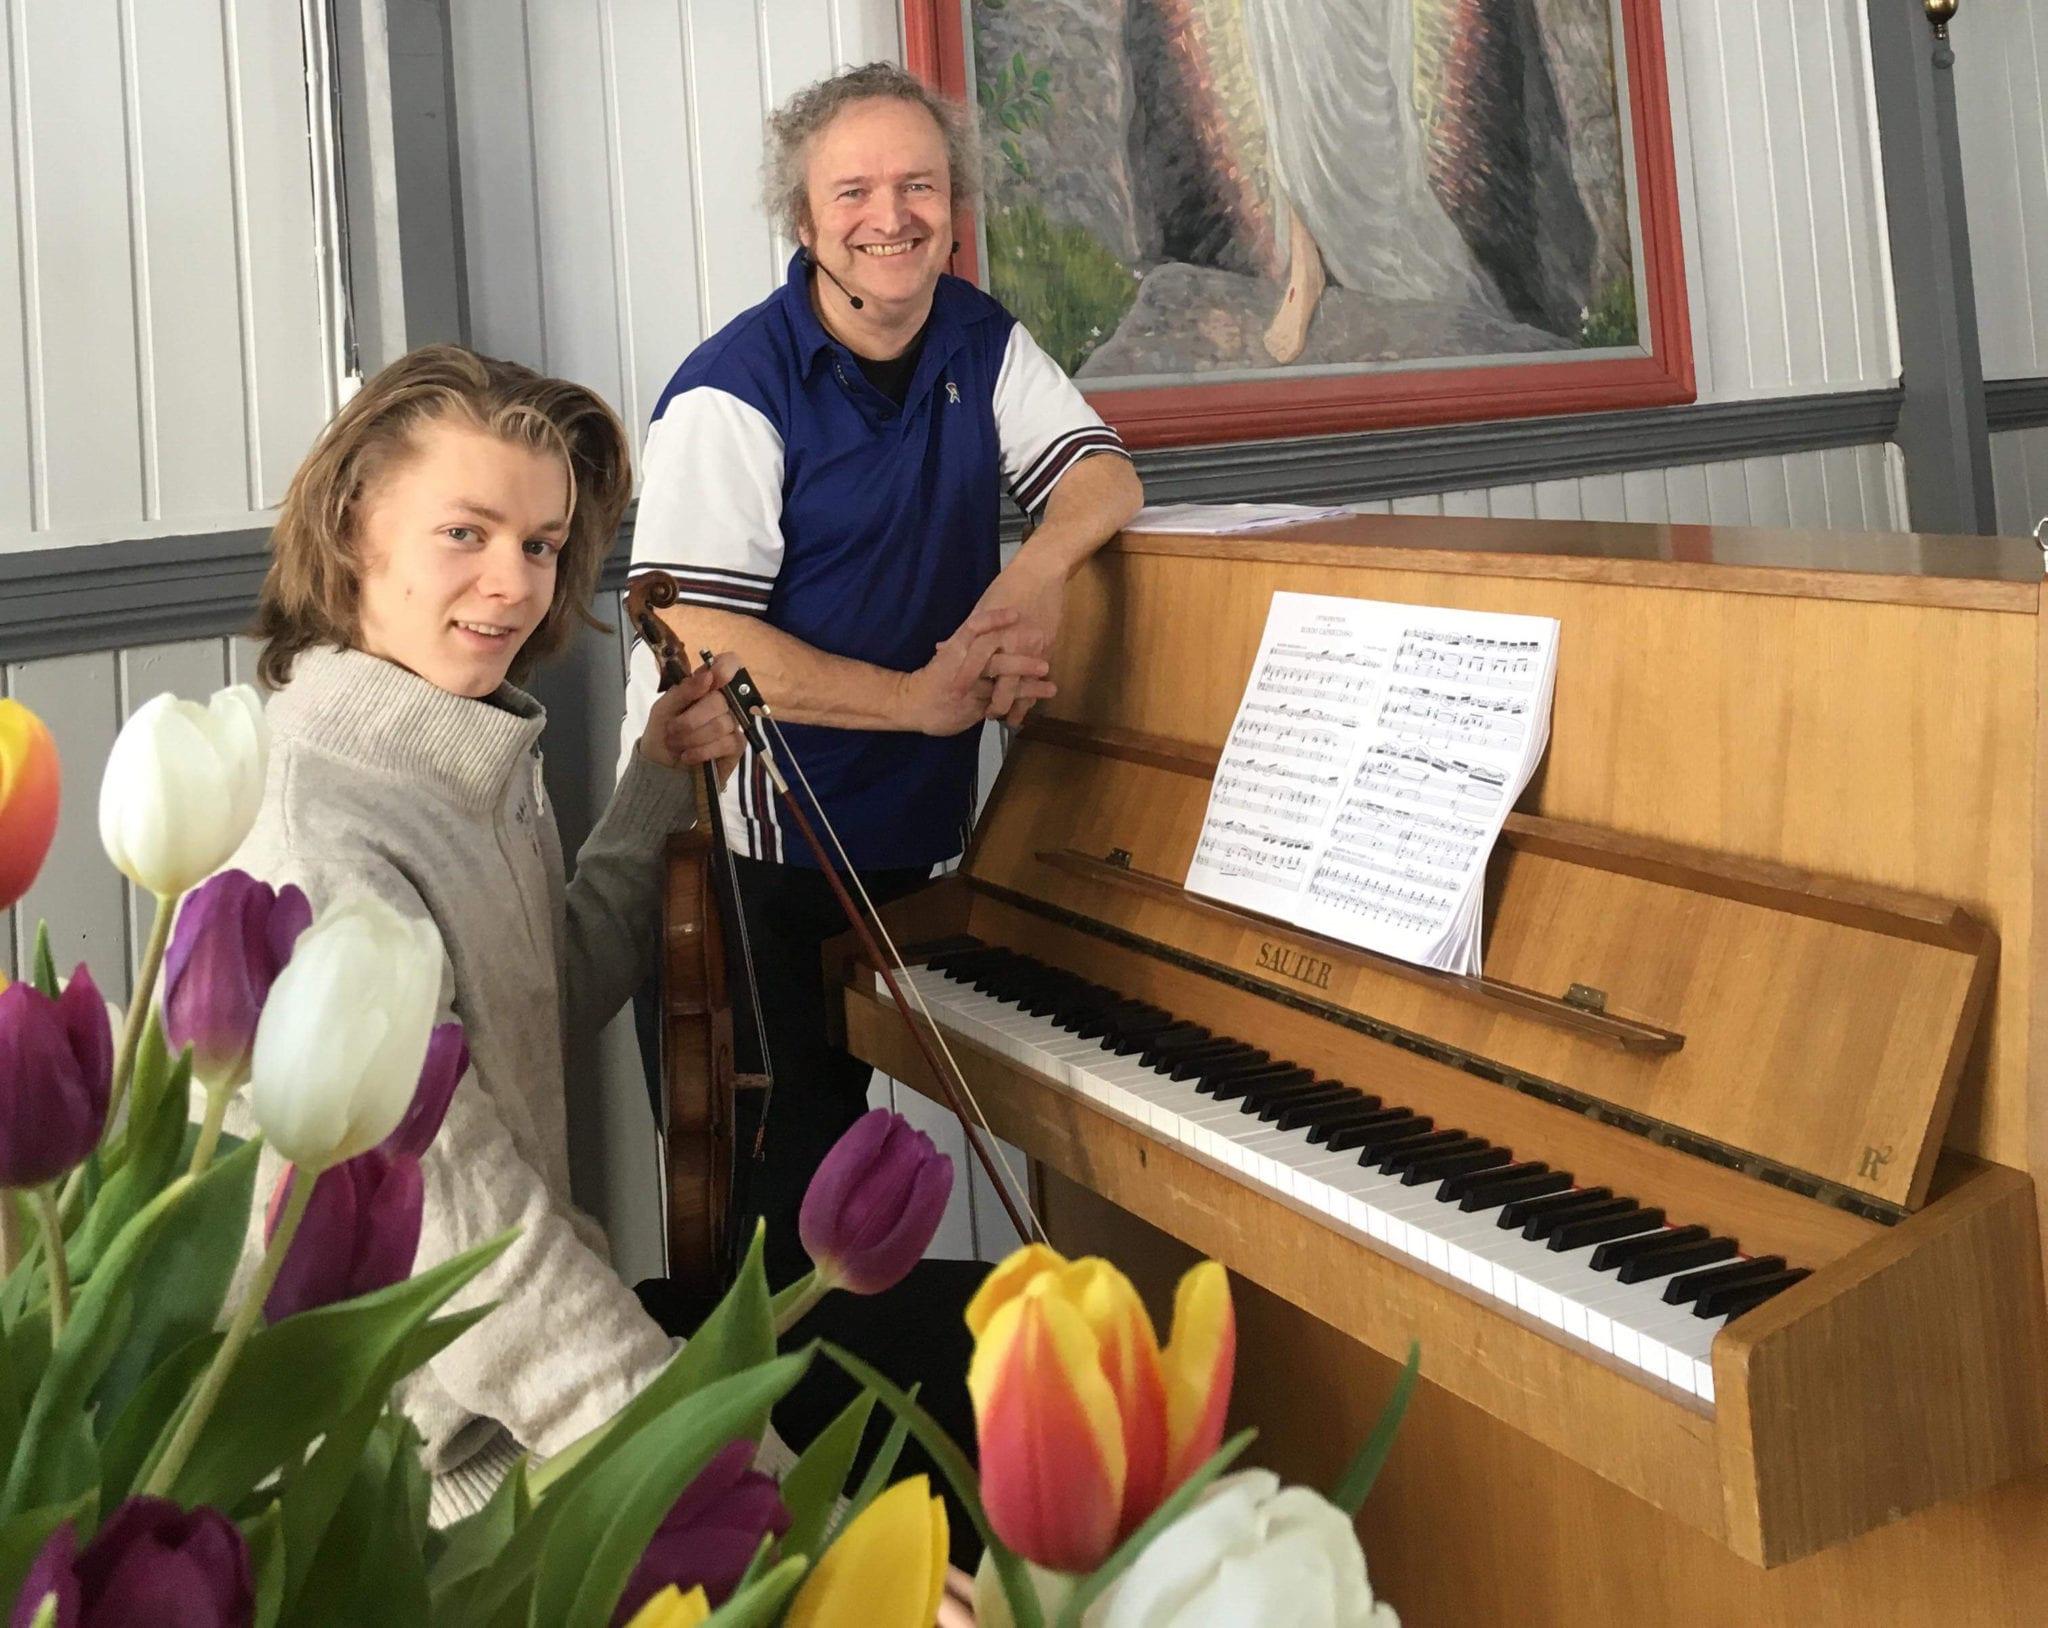 Wolfgang Plagge og Joakim Røbergshagen under Vinterfestspill i Bergstaden 2018. Foto: Kristine Schjølberg for Form til fjells.